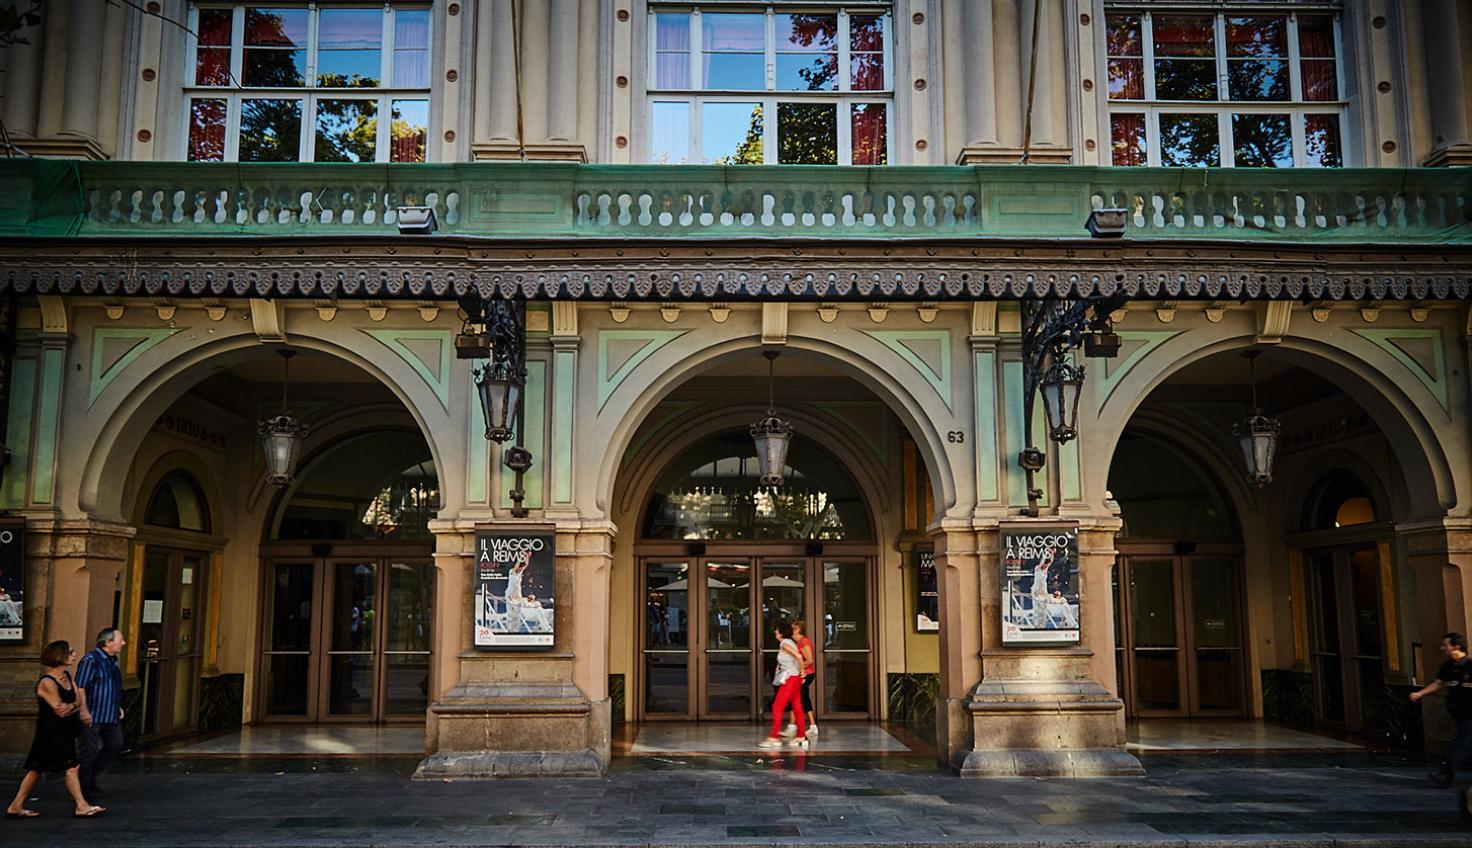 Photo Gran Teatre del Liceu